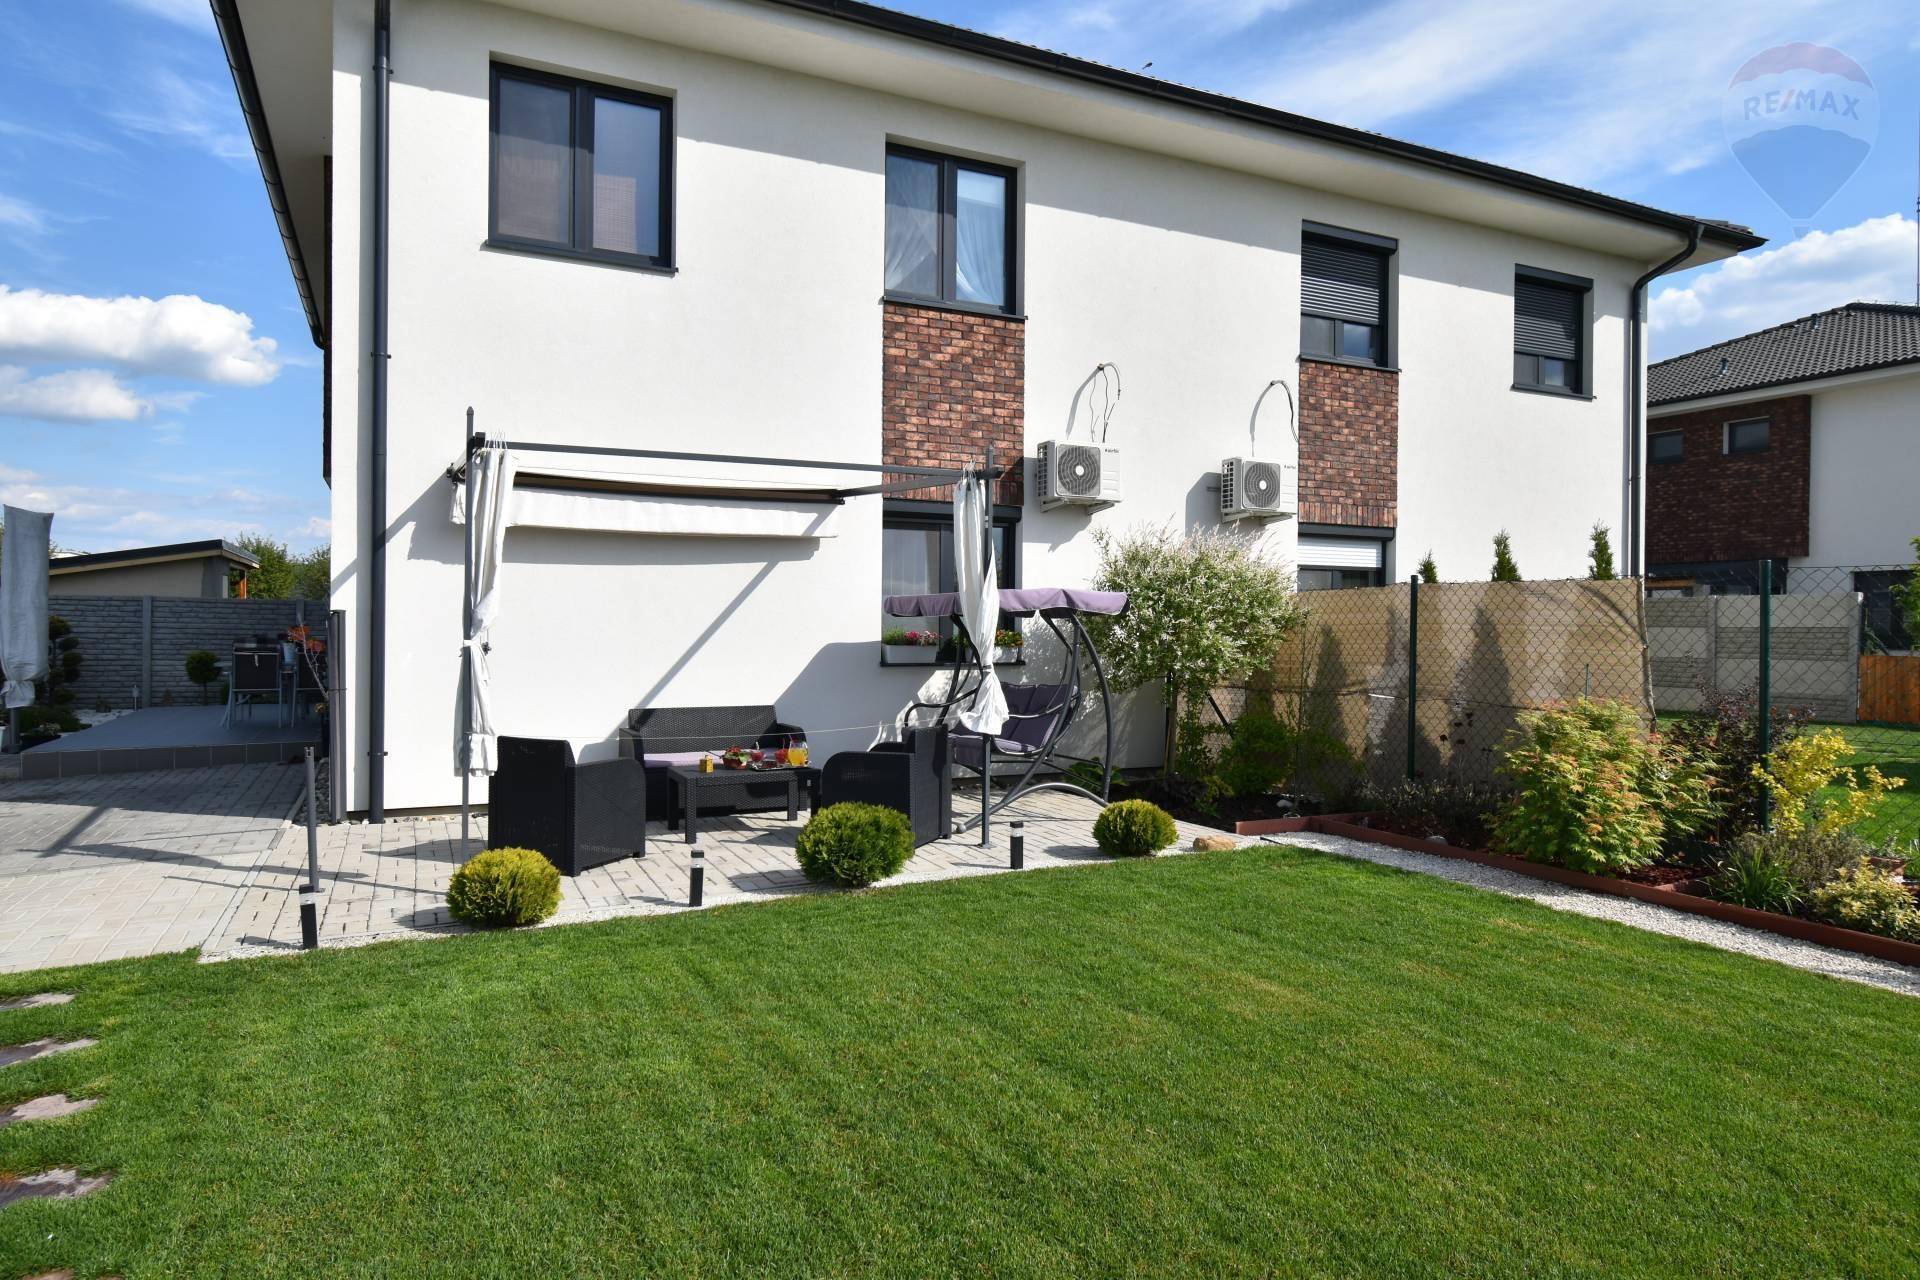 Predaj: 3 izbový byt, Dolný Bar, novostavba, ÚP 67 m2, 252 m2 vlastná záhrada